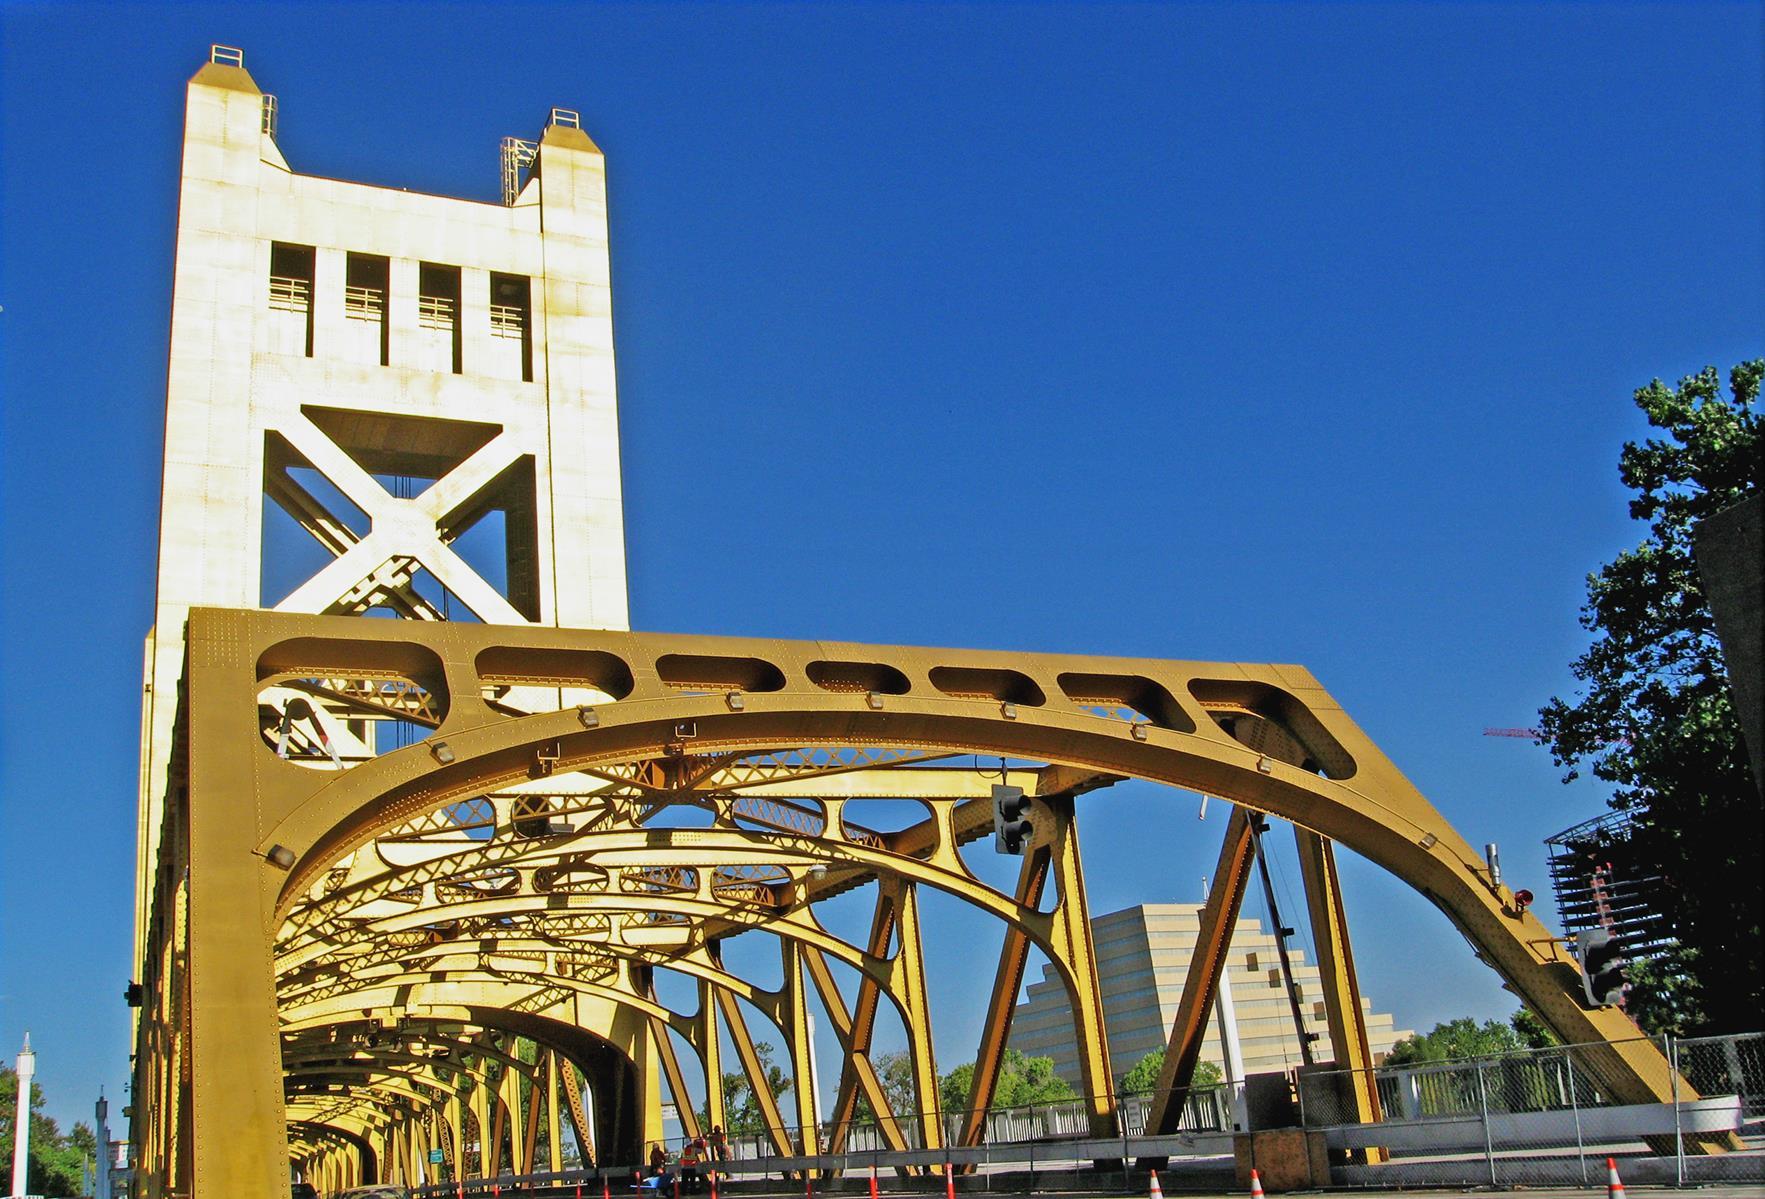 Tower BRIDGE in west sac looking WEST